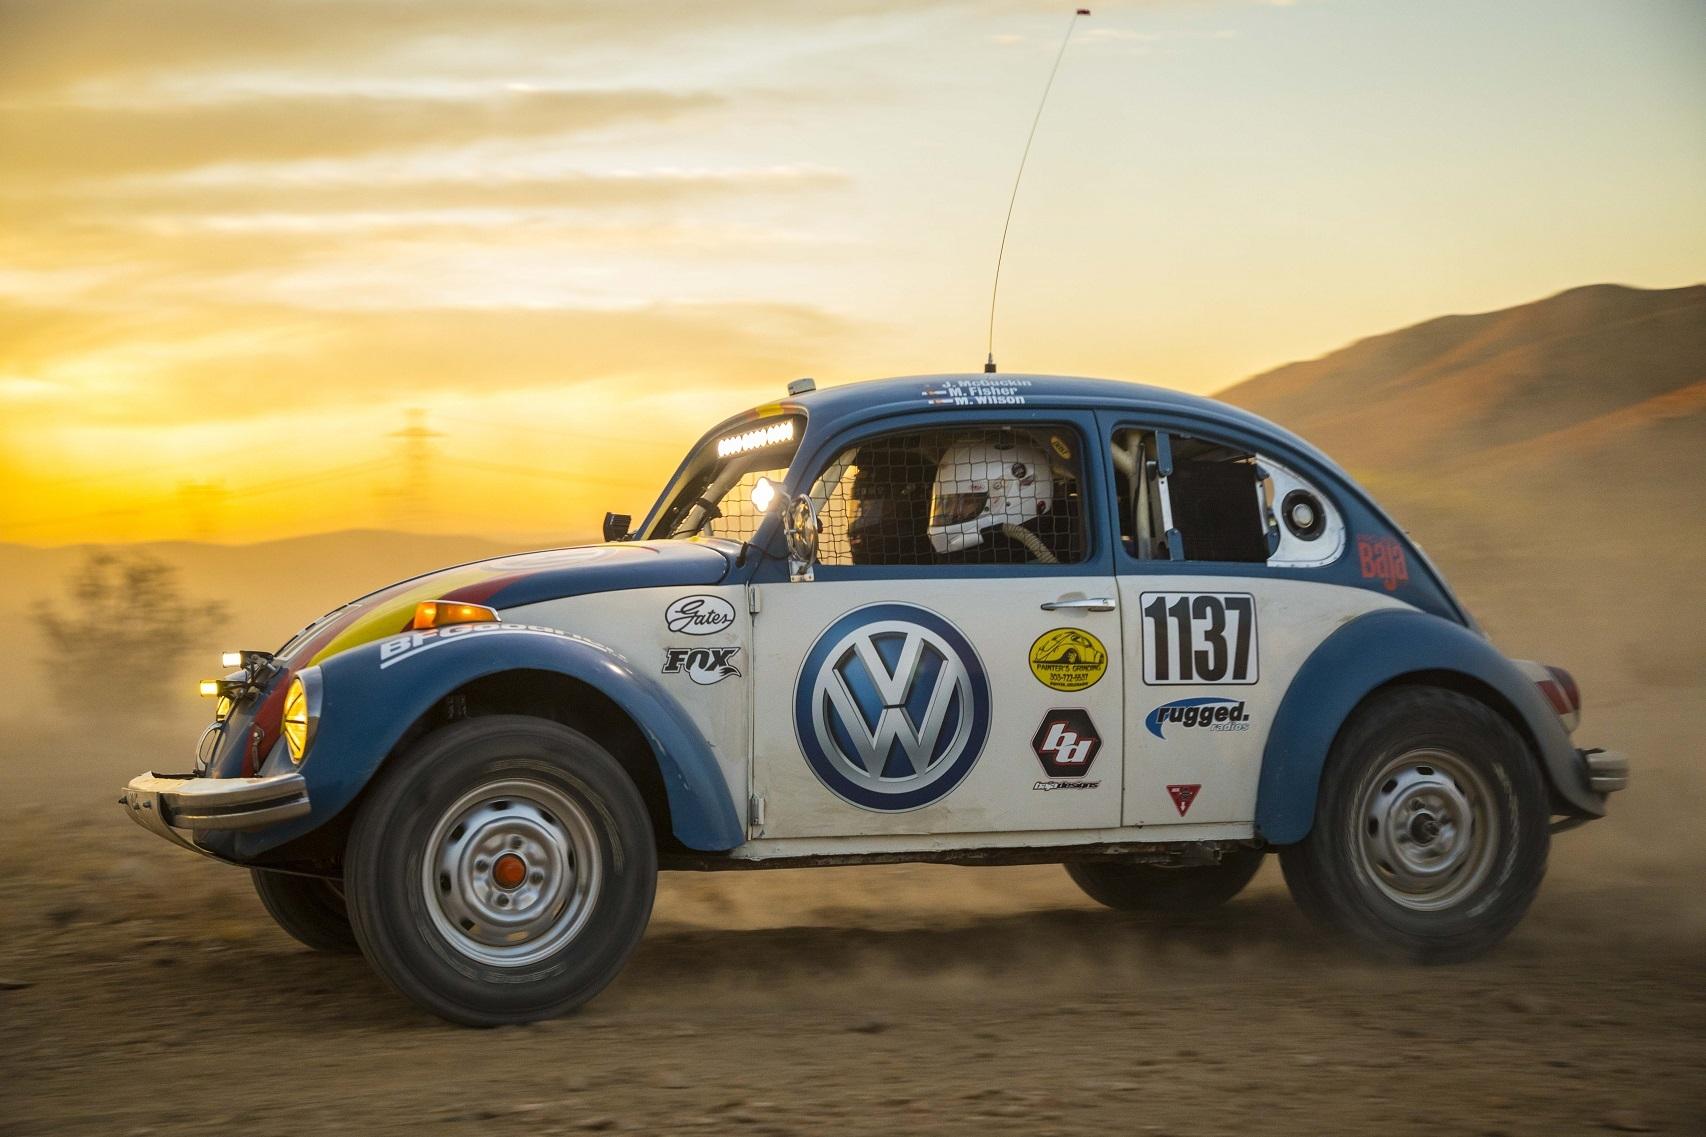 volkswagen-beetle-1970-SCORE-Baja-1000-2017 (1)